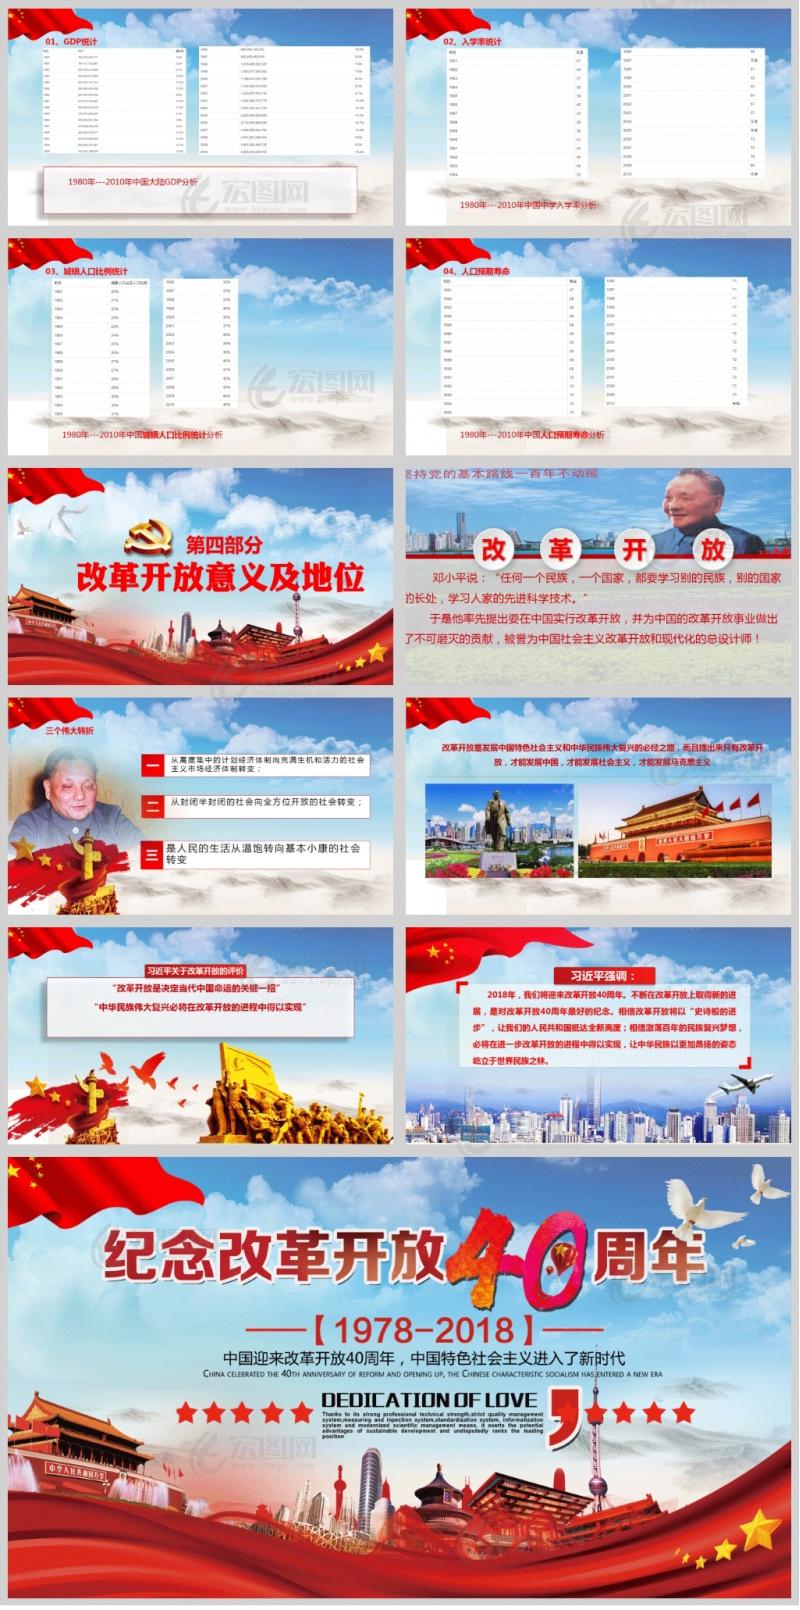 纪念改革开放40周年 中国特色社会主义进入了新时代PPT模板